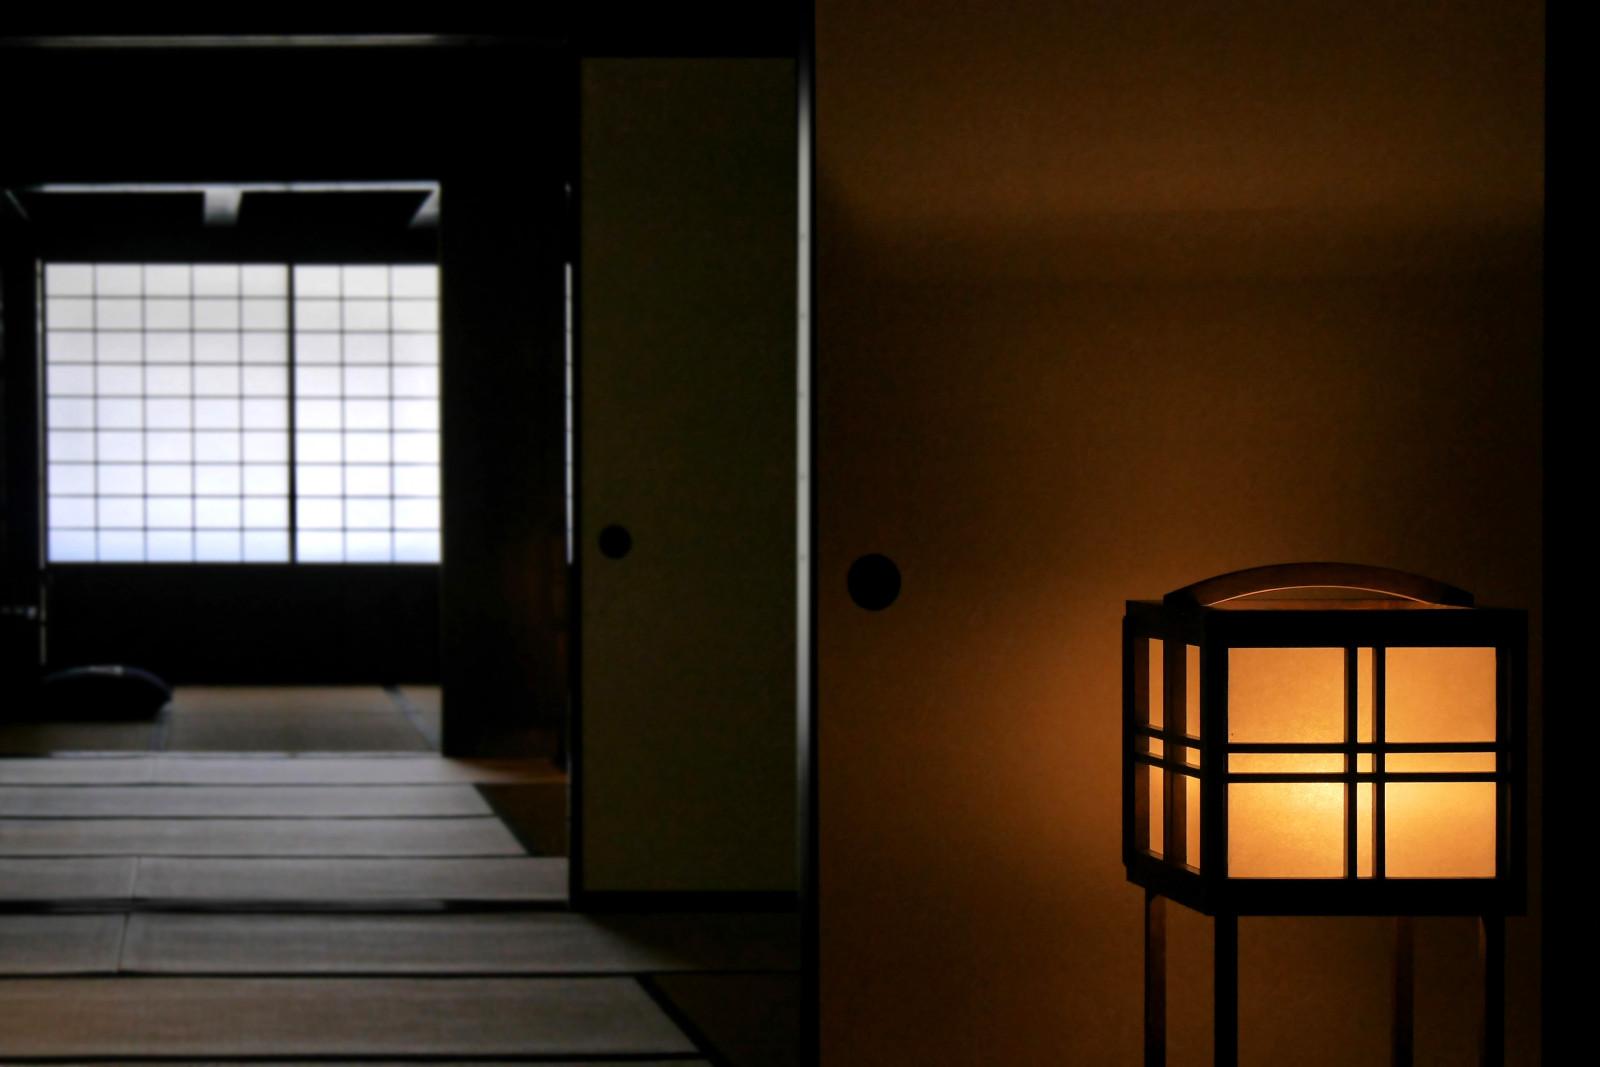 Sfondi leggero lampada architettura interior design finestra